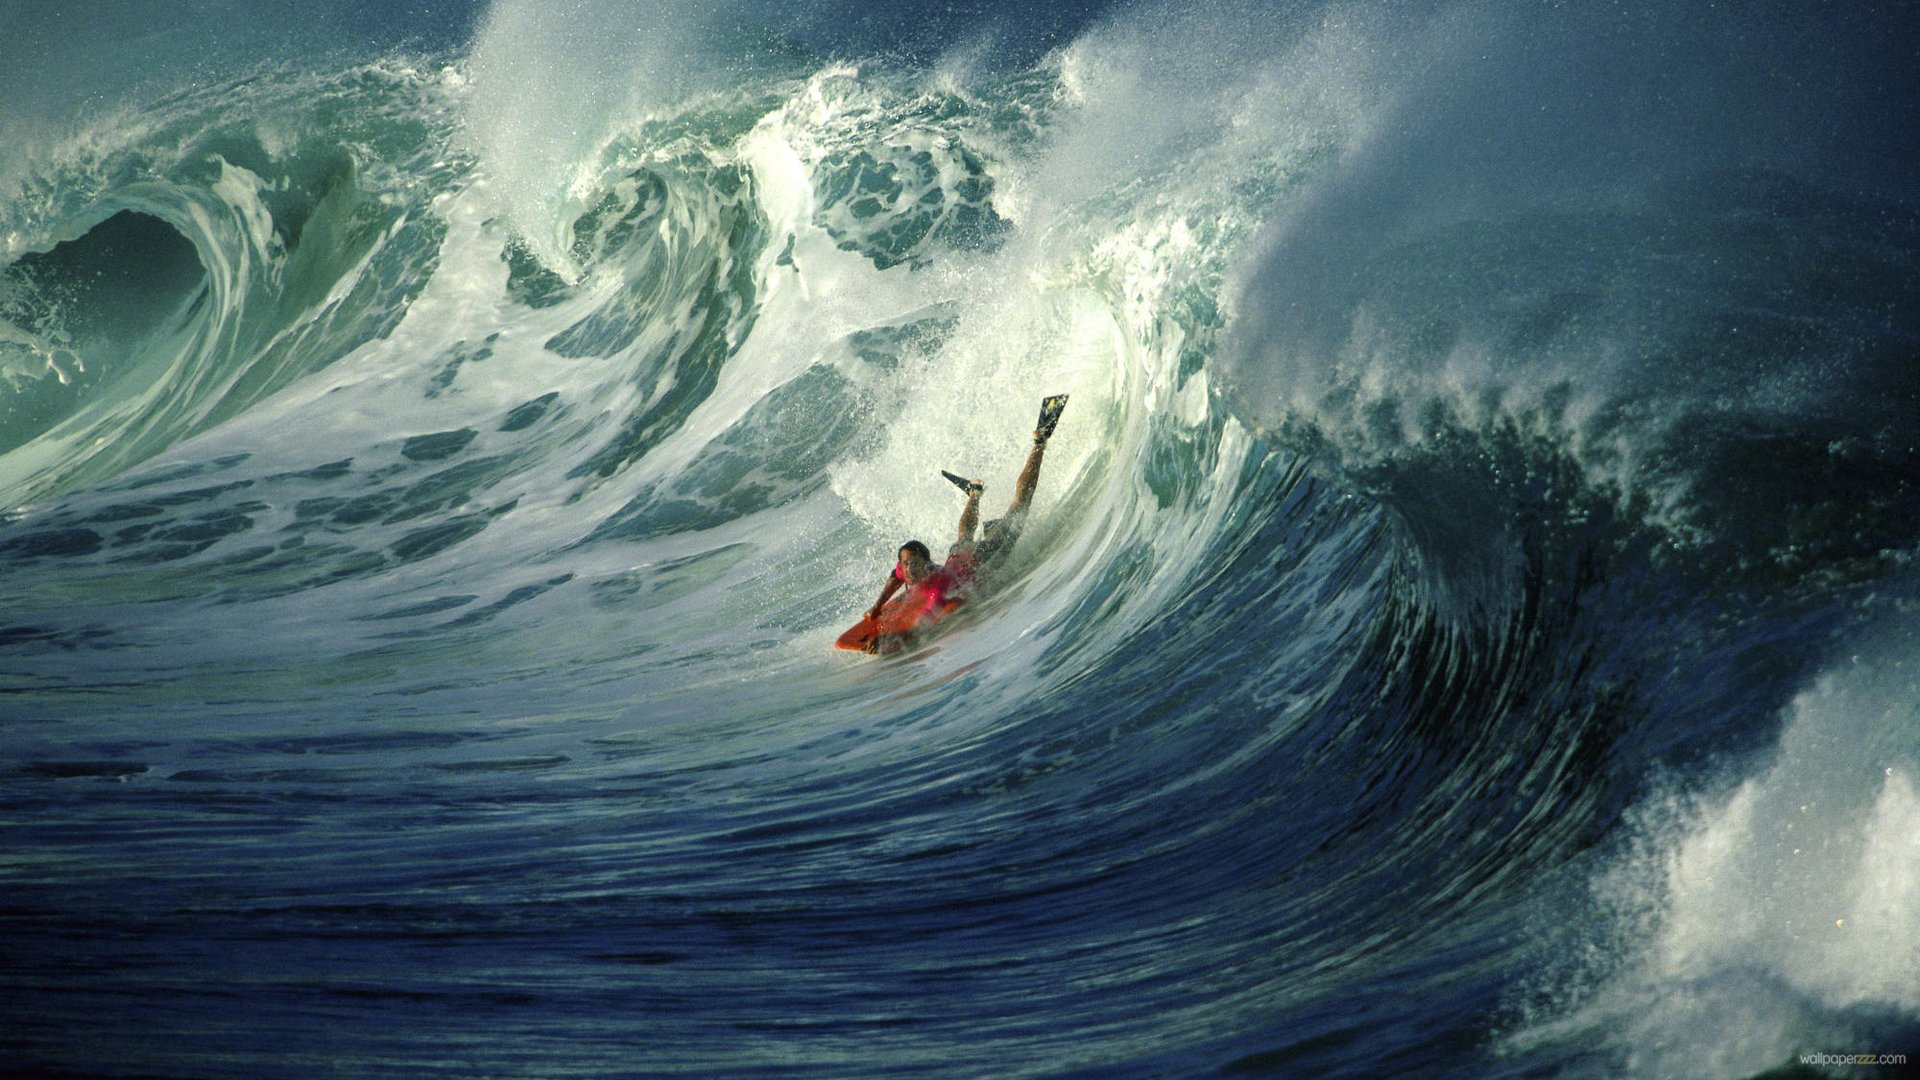 Free Surfing Wallpaper And Screensavers Wallpapersafari